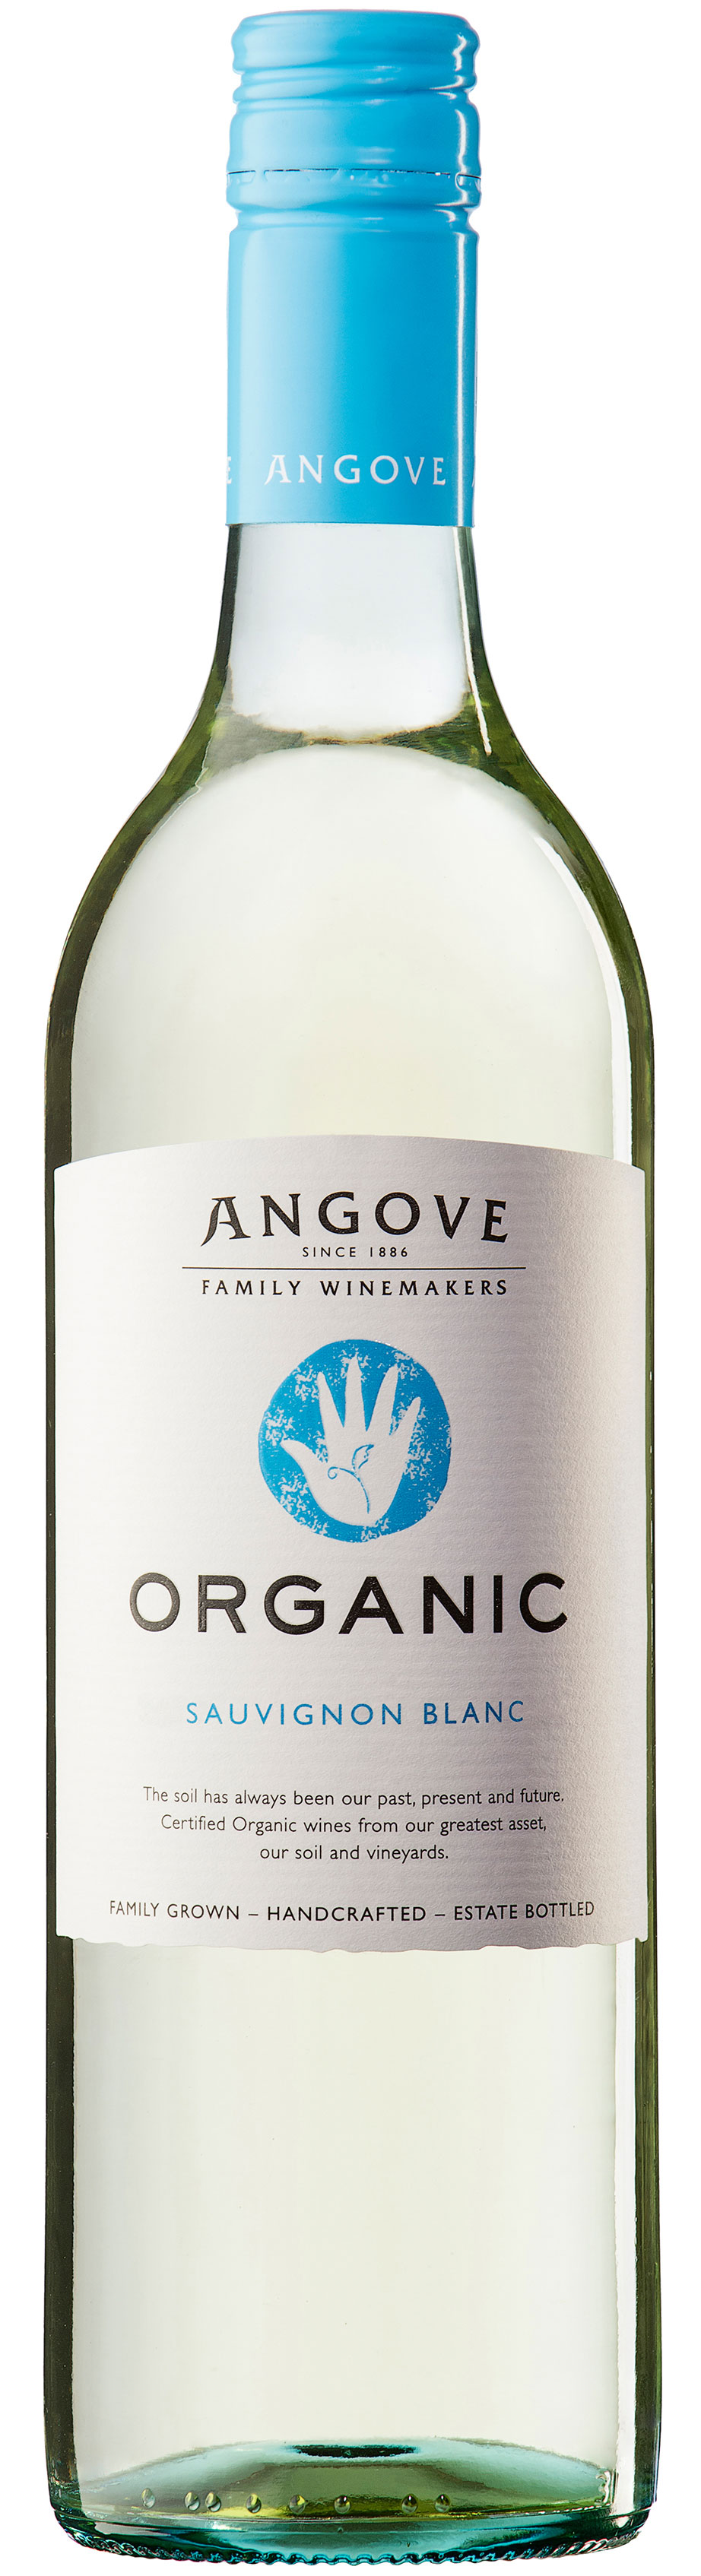 https://vinocorpperu.com/images/vinos/angove/angove_organic_sauvignon_blanc_2018.jpg